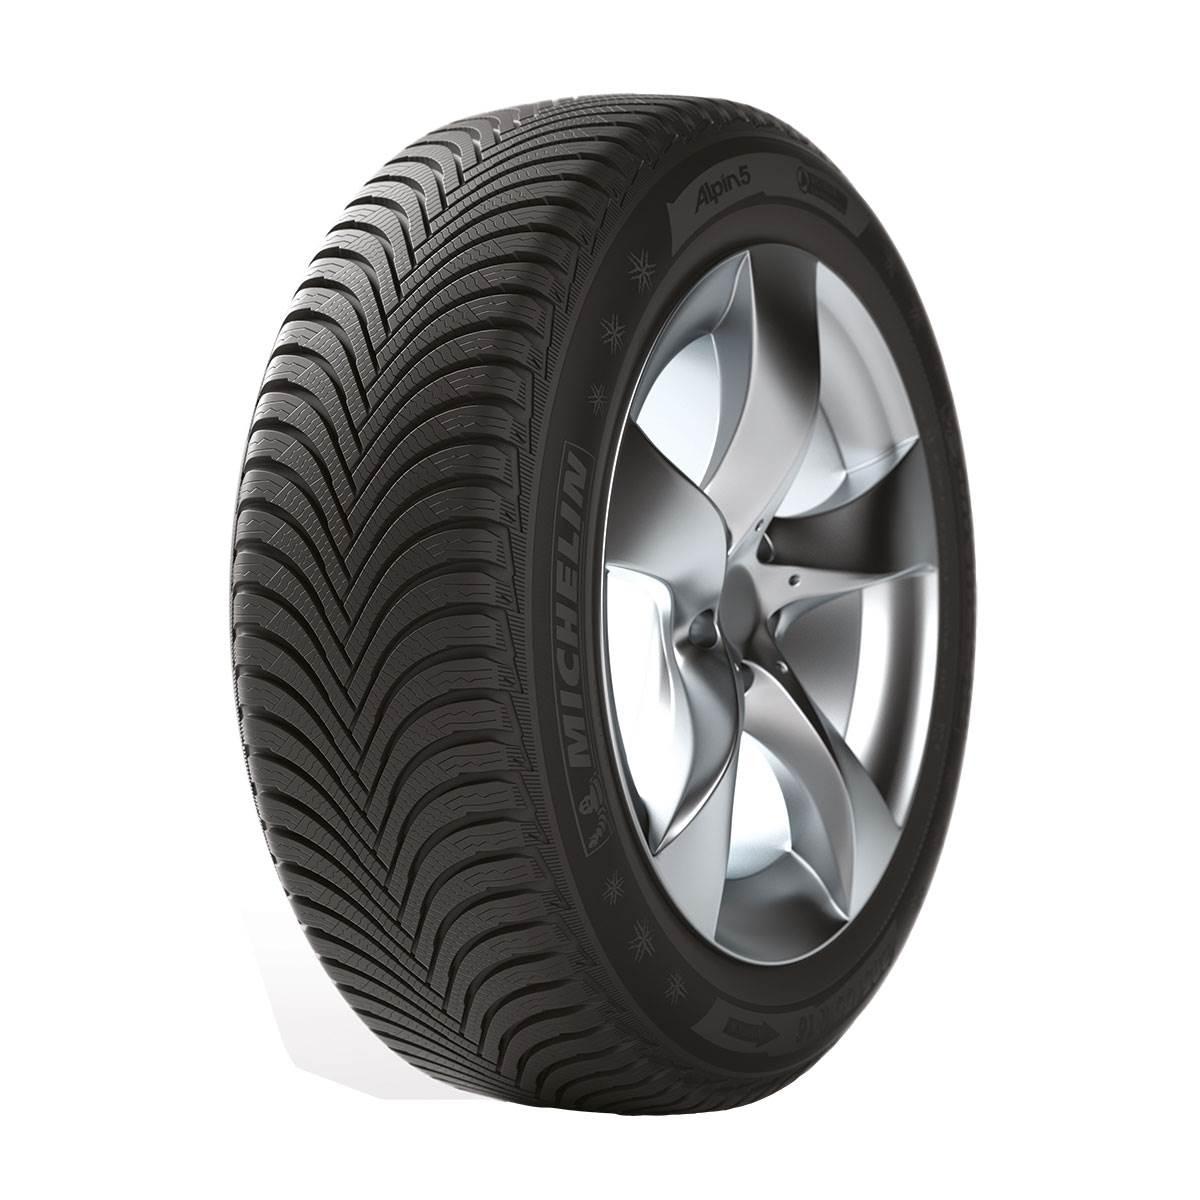 Pneu Hiver Michelin 215/60R16 99H Alpin A5 XL